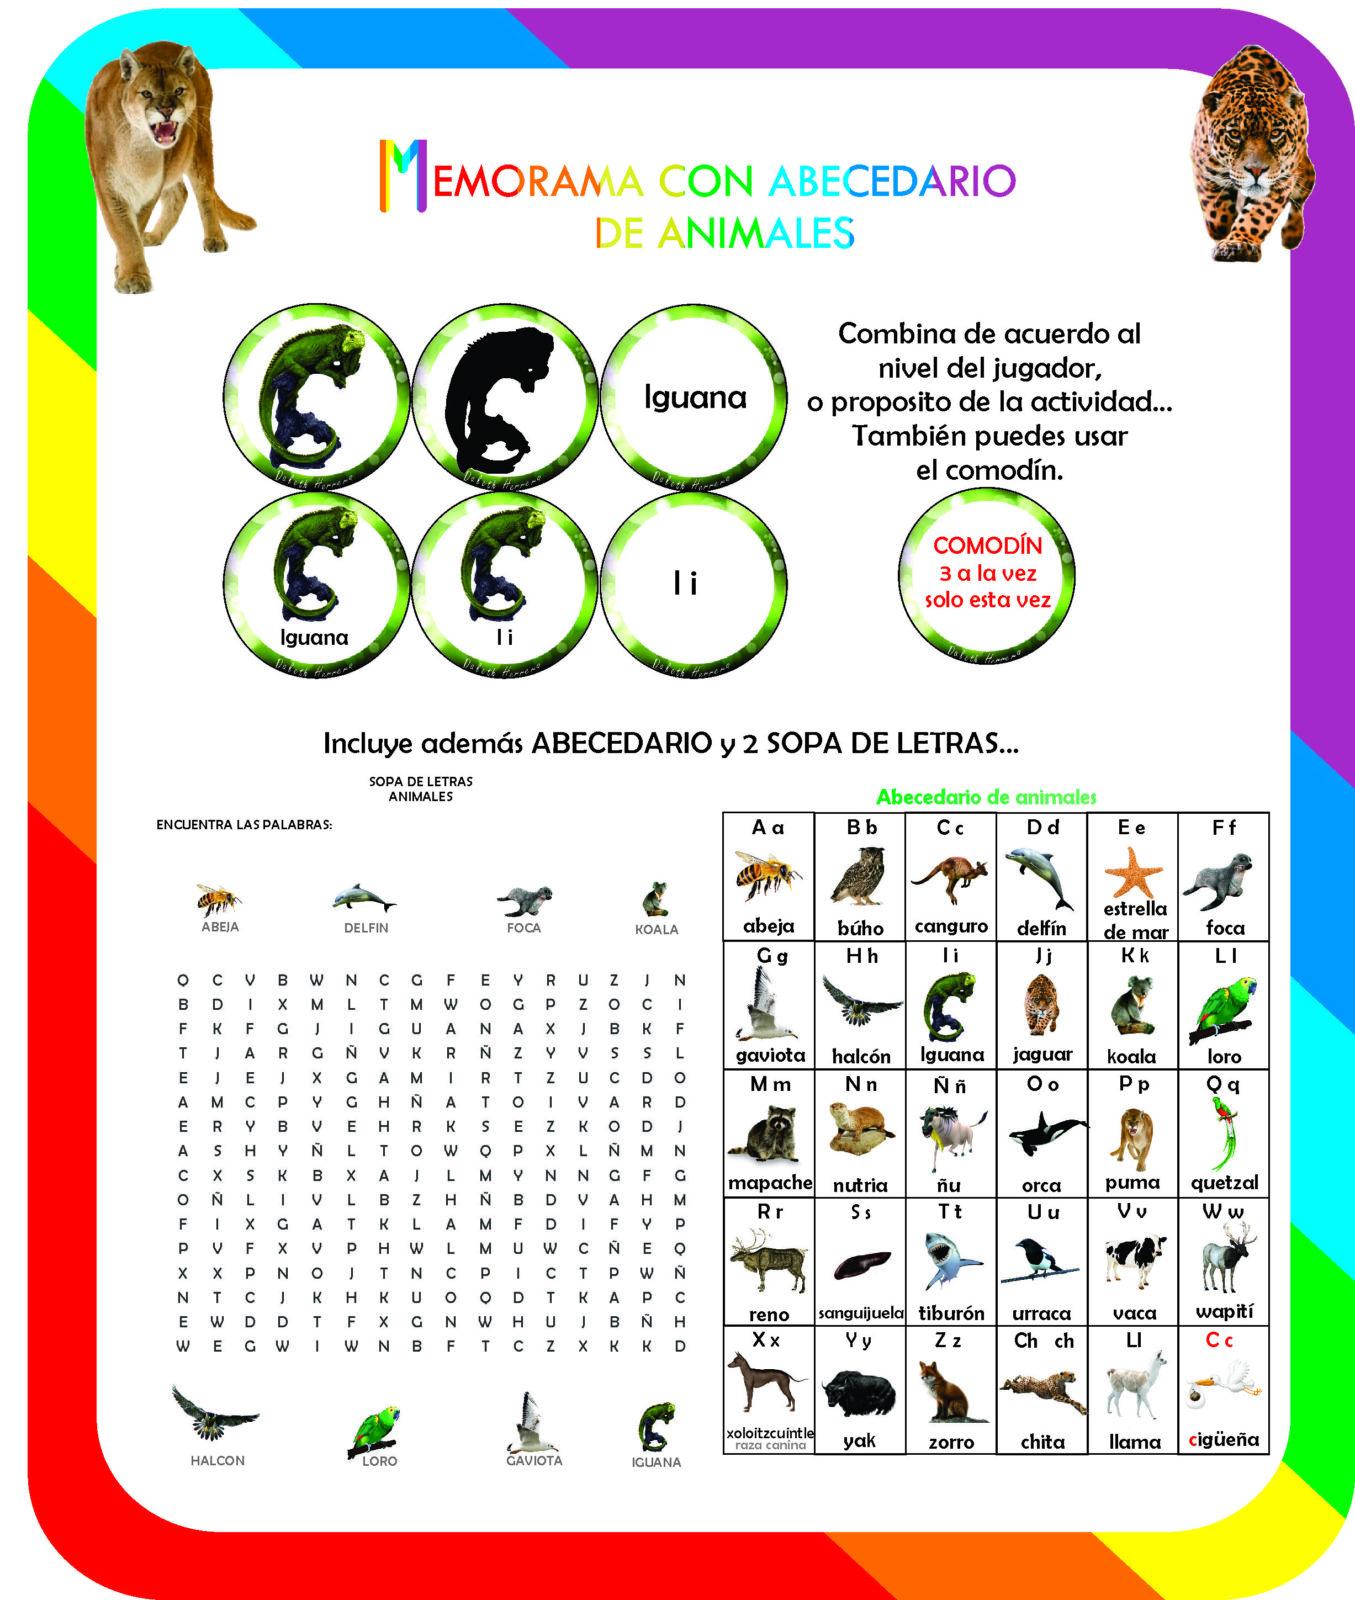 Memorama con abecedario de Animales